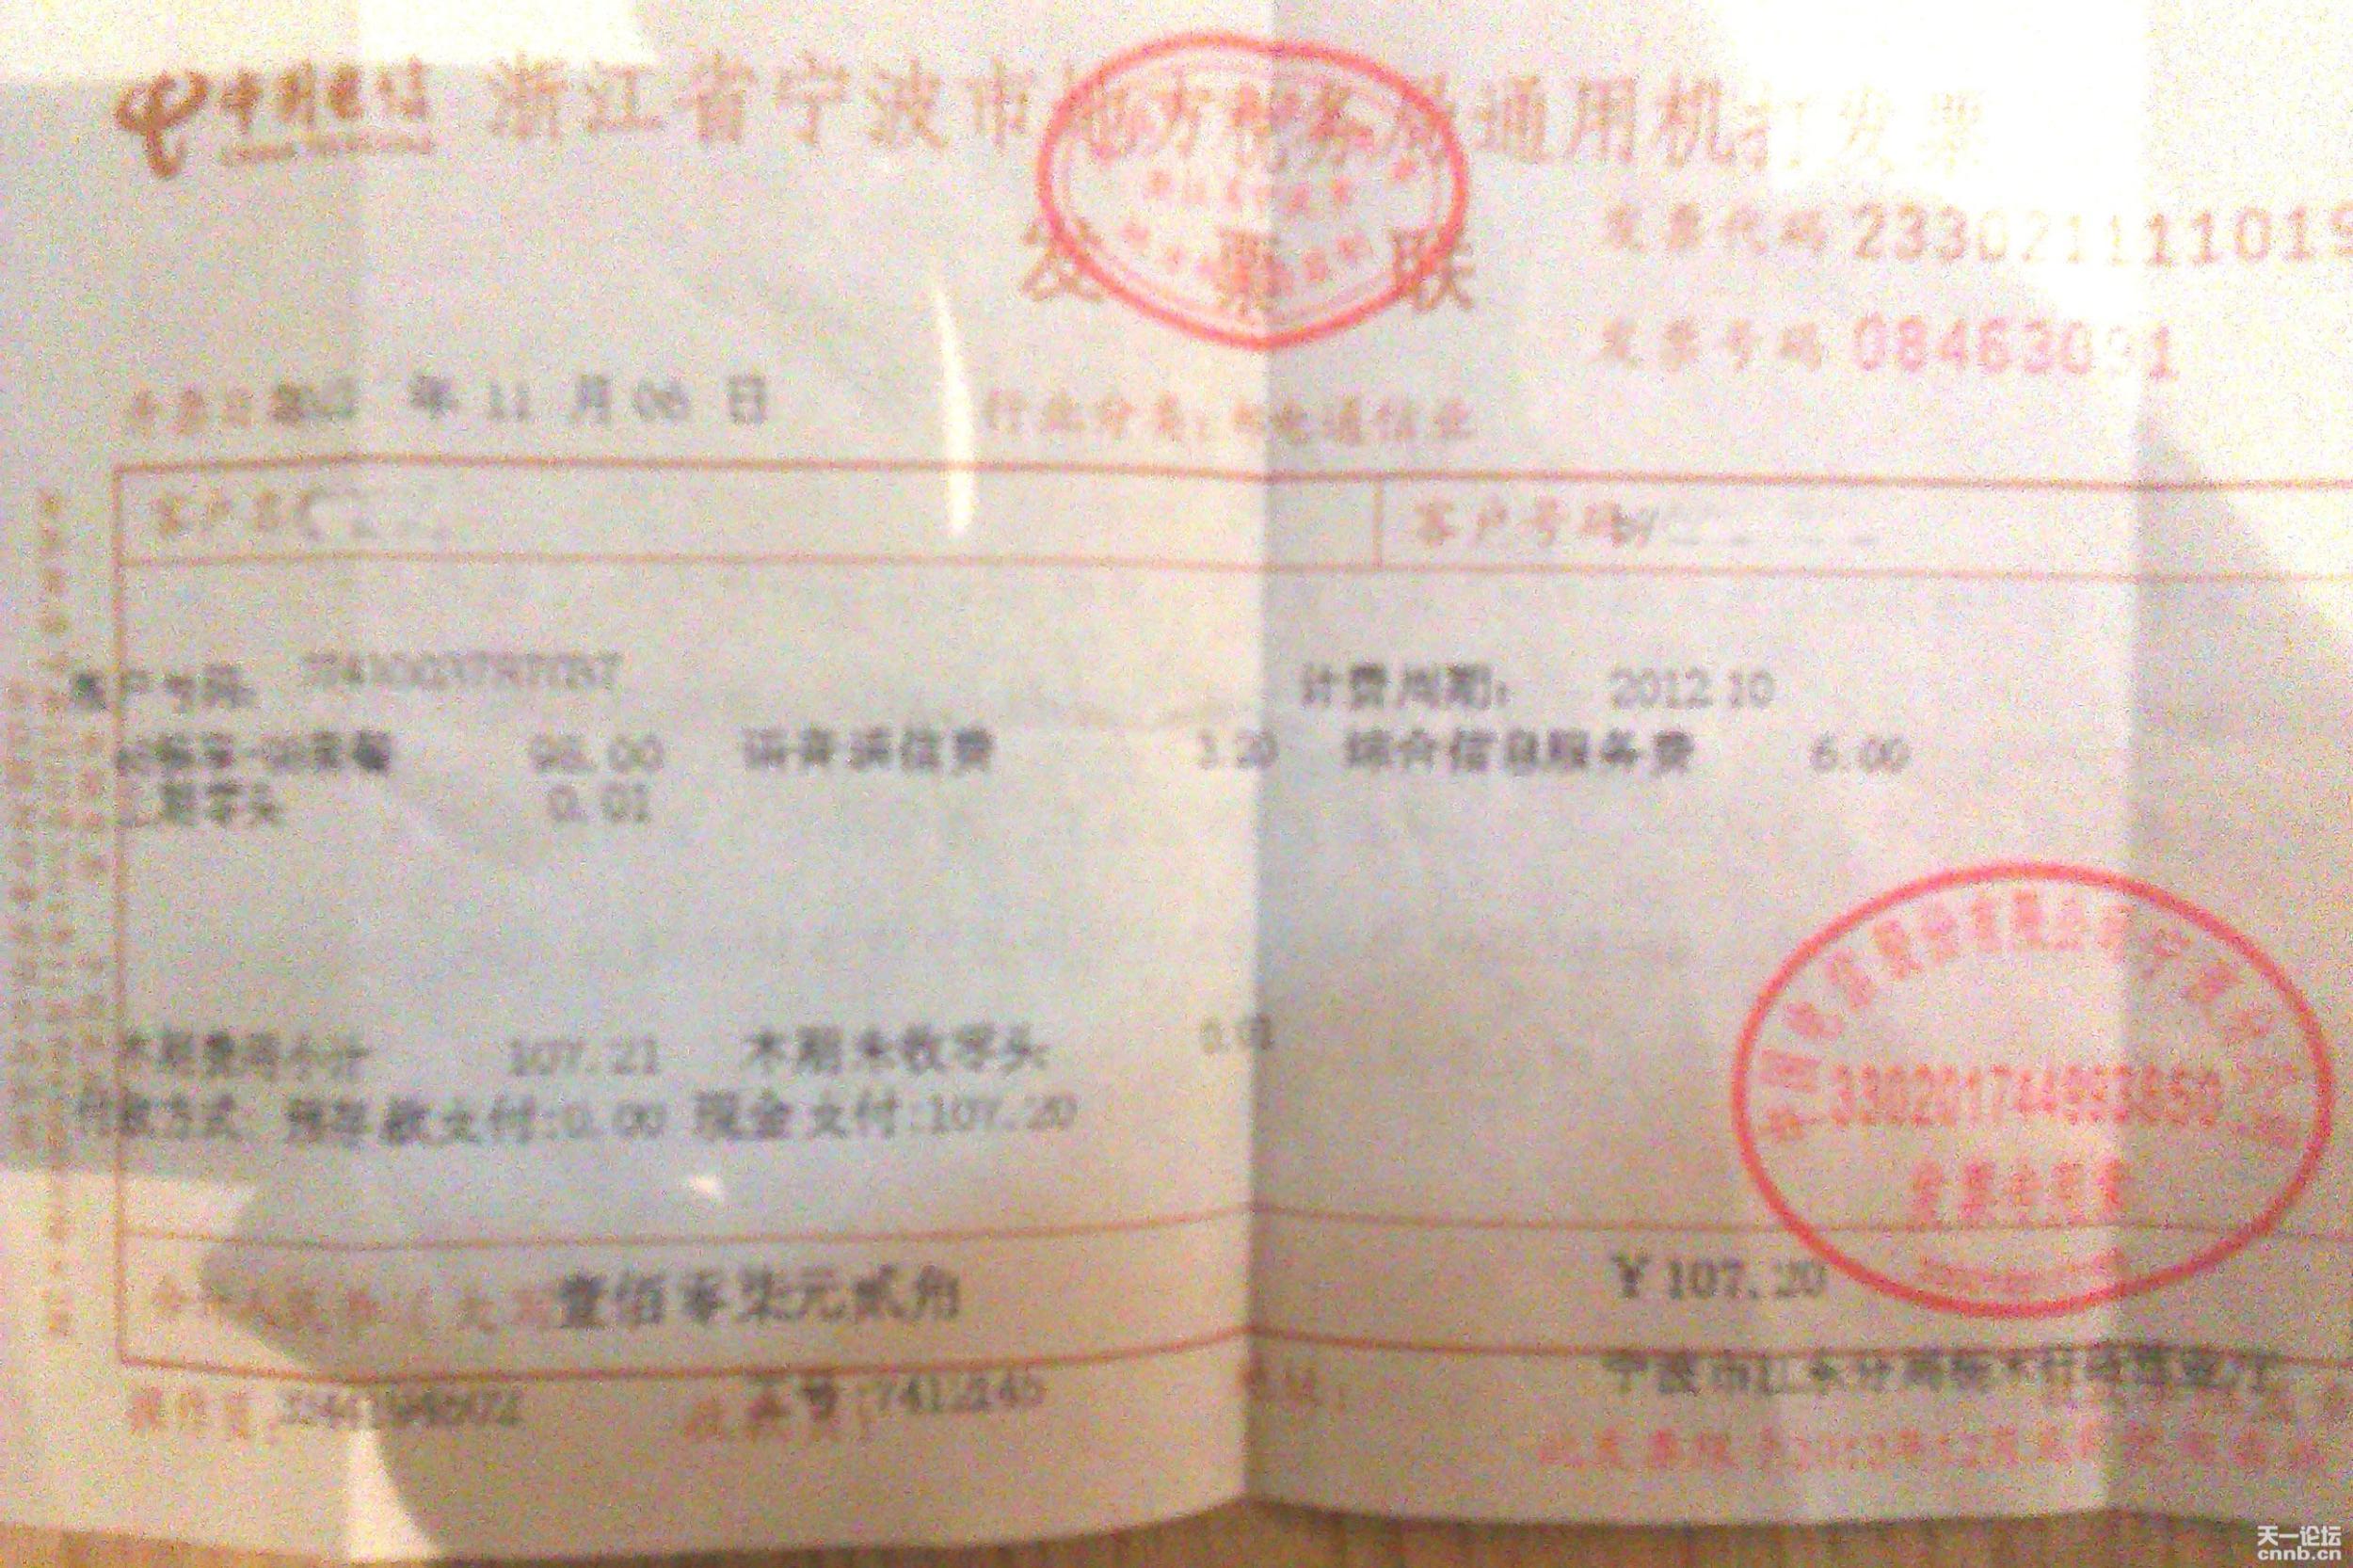 中国电信发票_中国电信发票模板